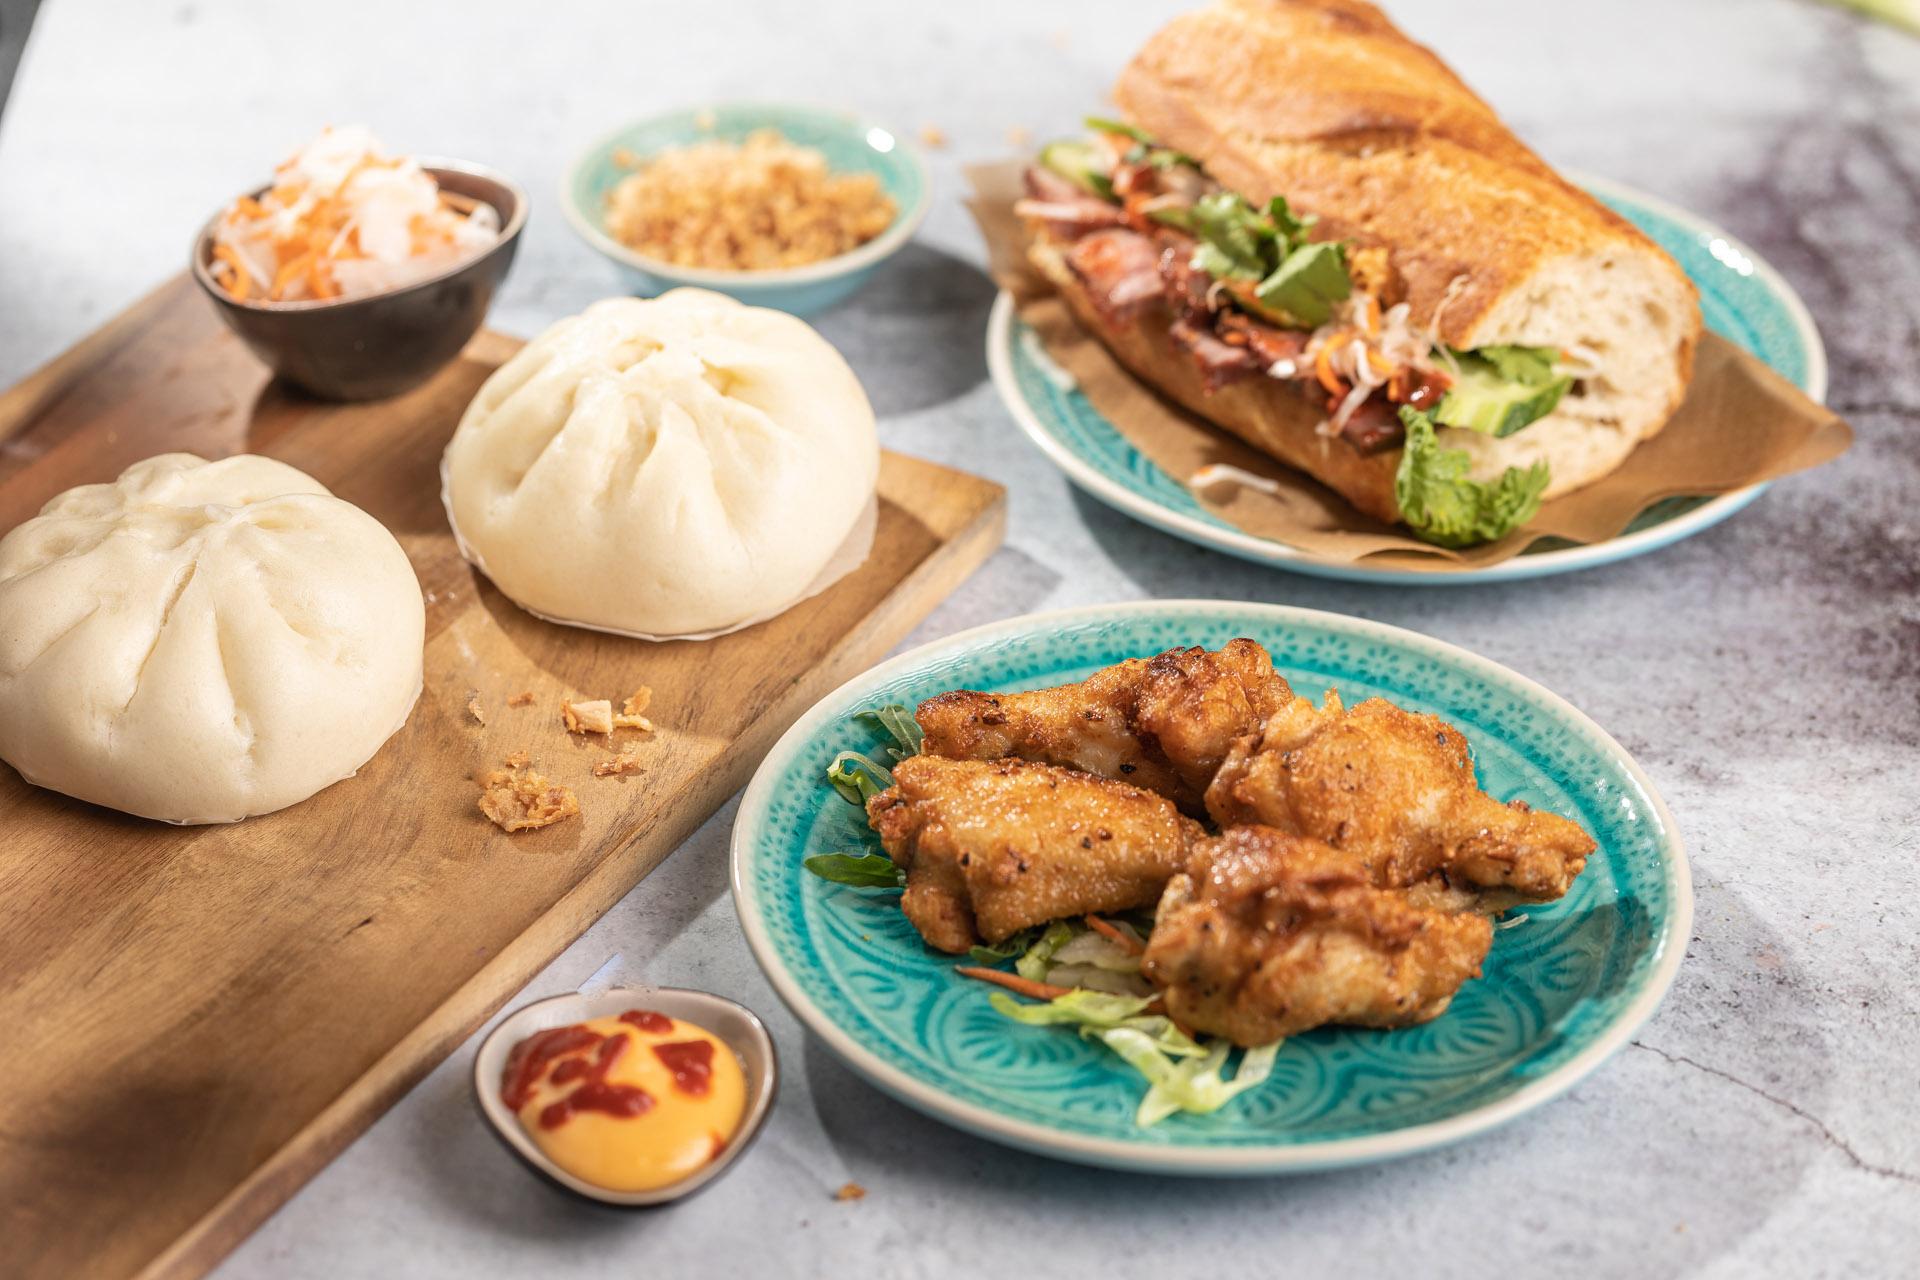 Vietnam Streetfood in Augsburg